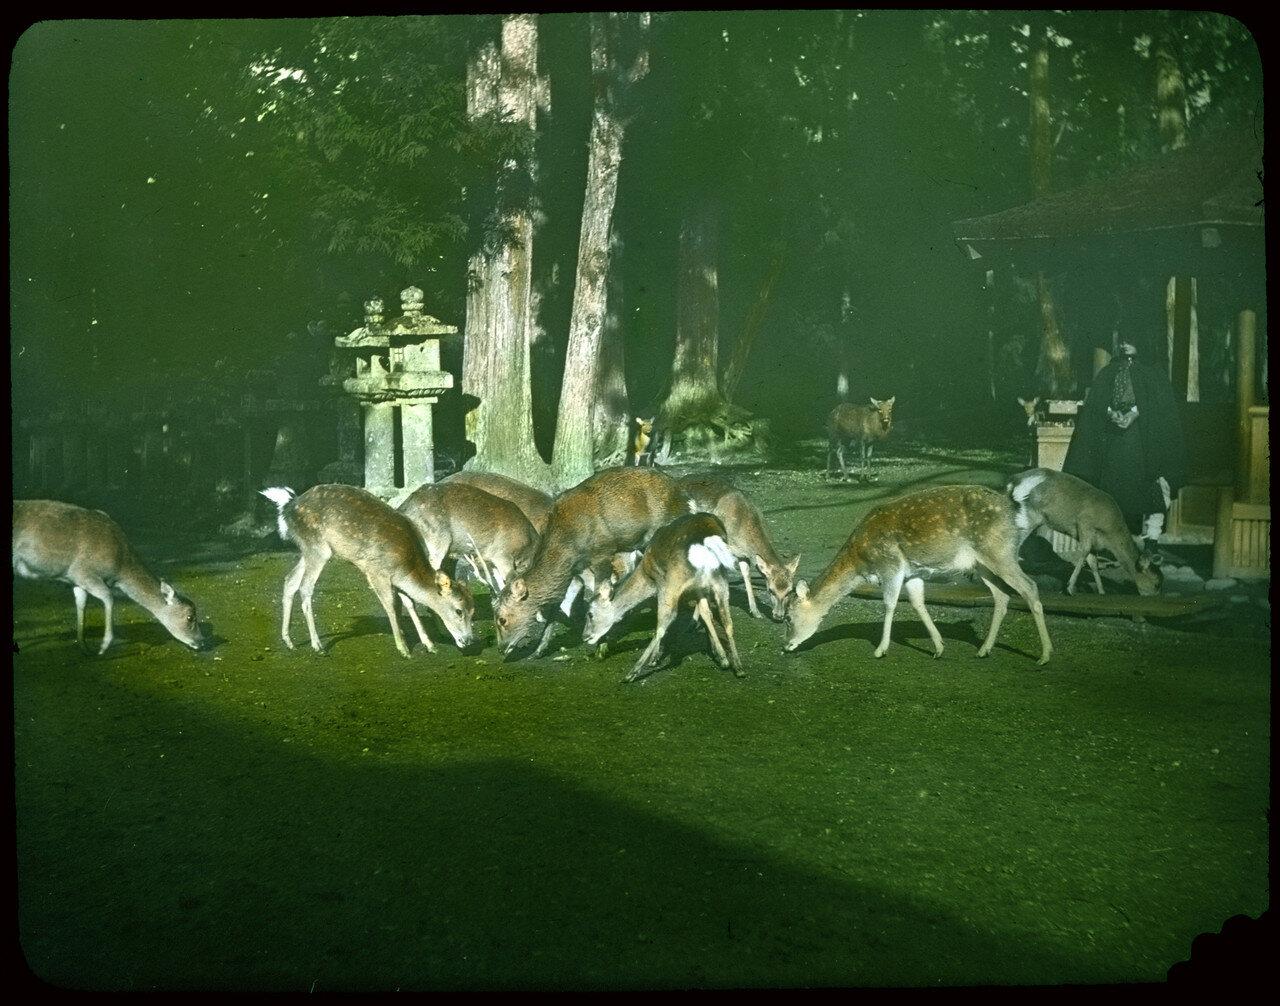 Группа оленей кормится на лужайке возле храма